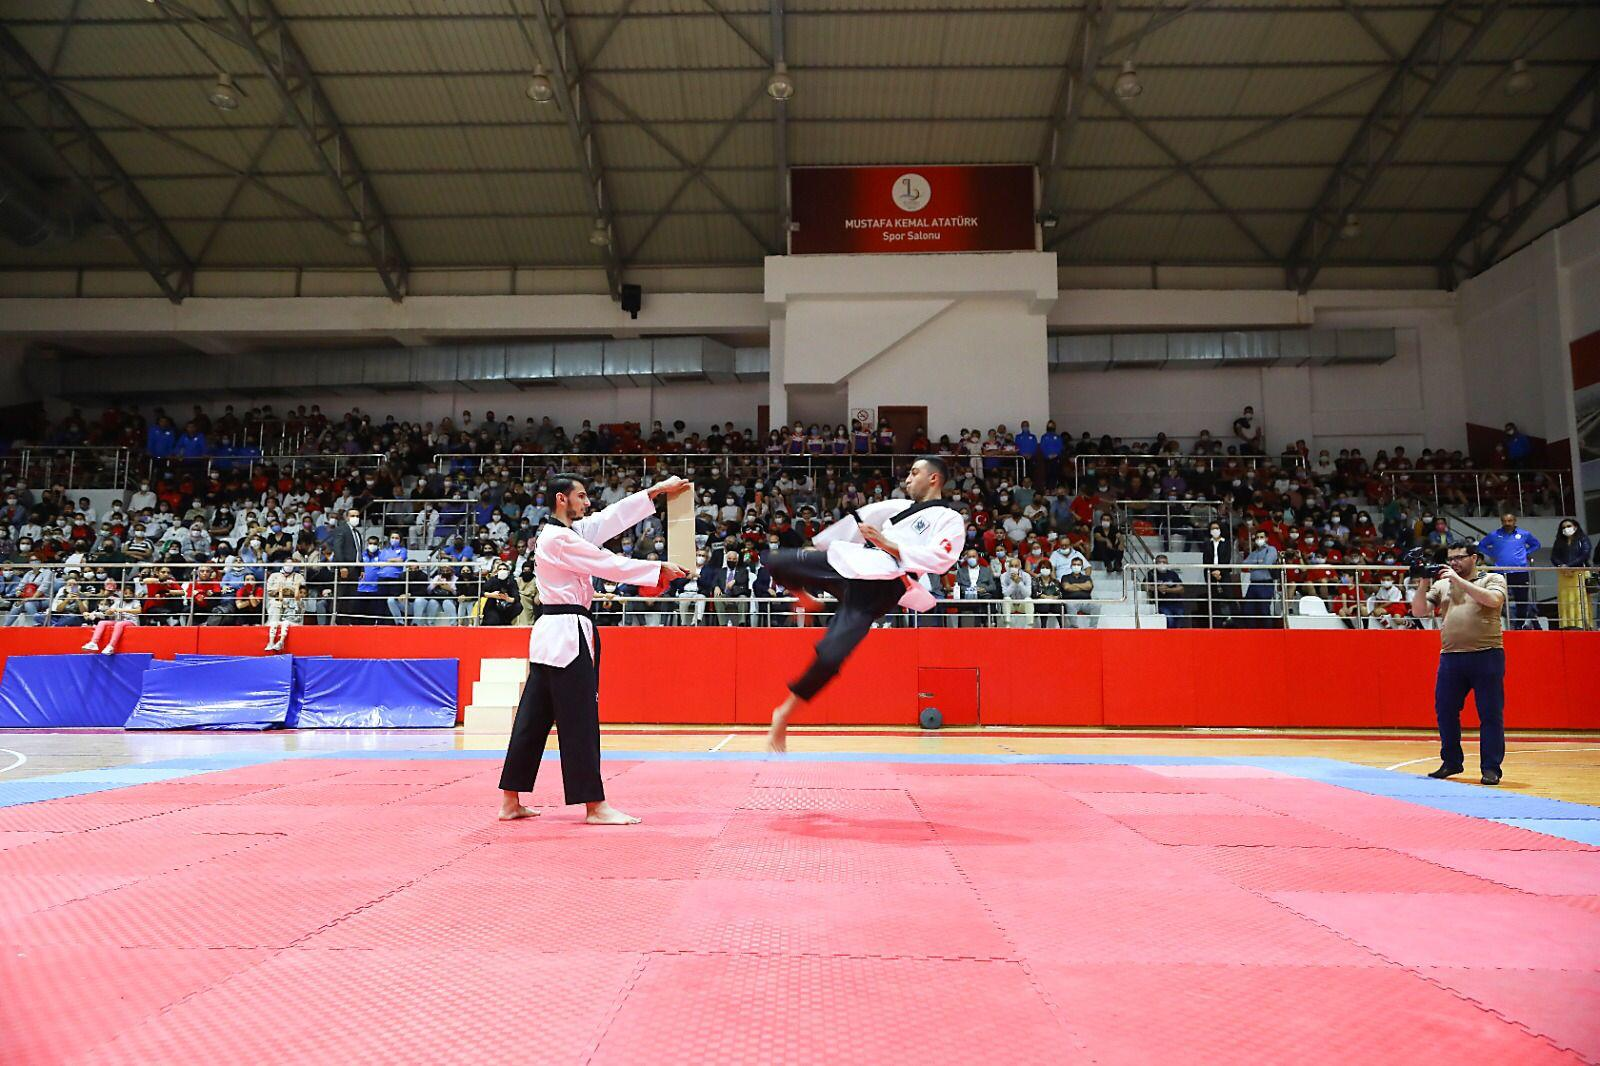 Bayraklı'da spor okulları coşkuyla açıldı-yenigun